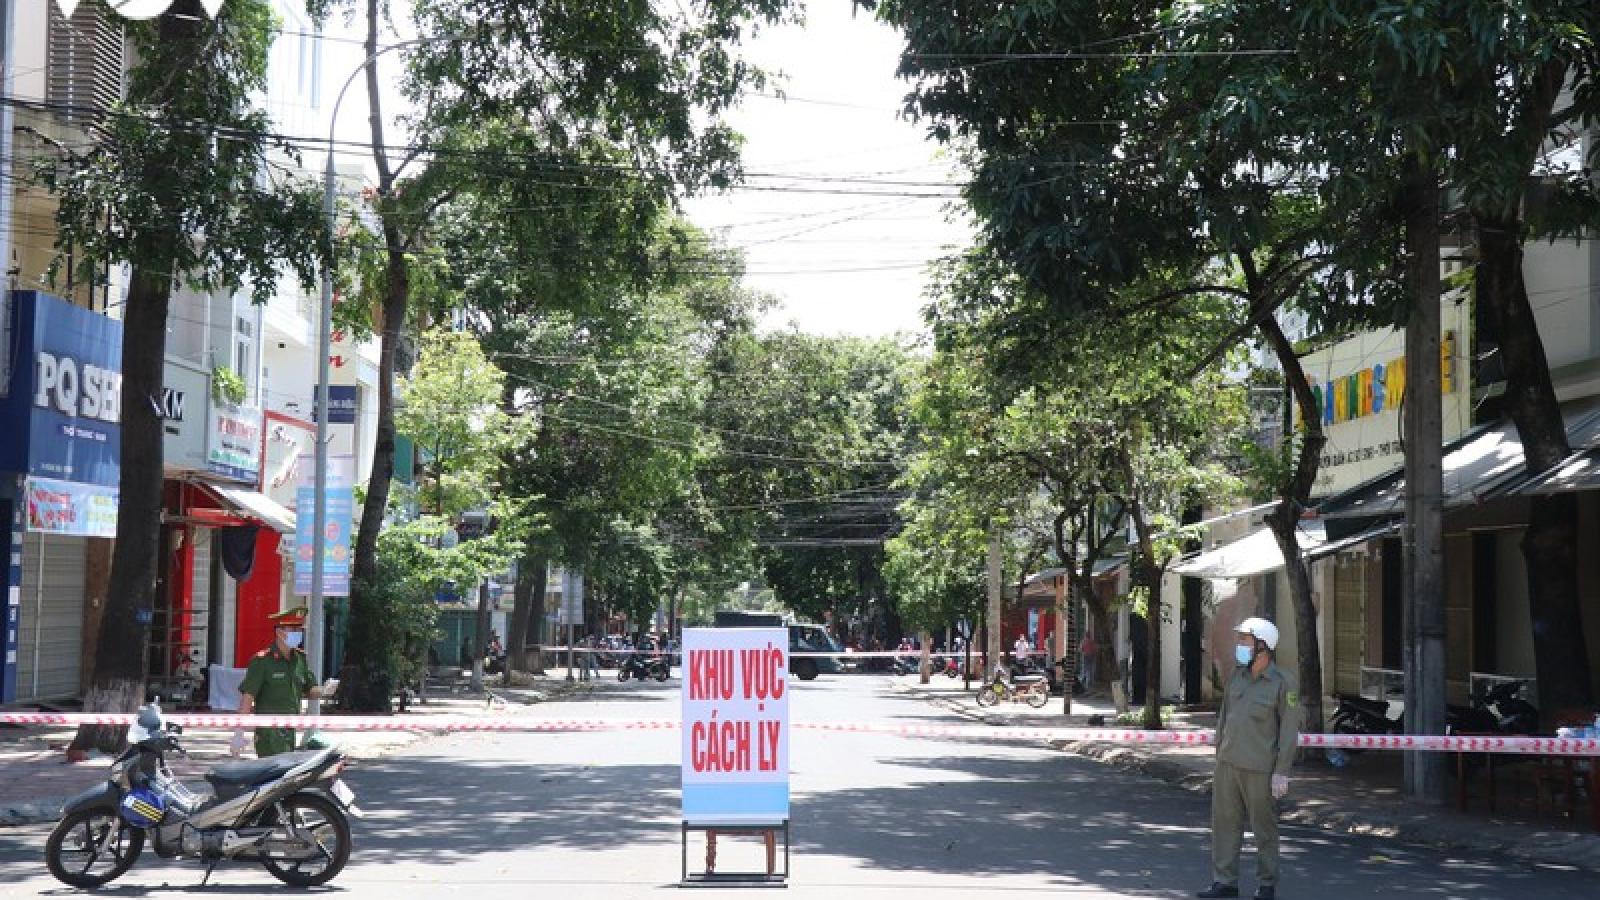 Đắk Lắk dỡ bỏ khu vực cách ly tại thành phố Buôn Ma Thuột